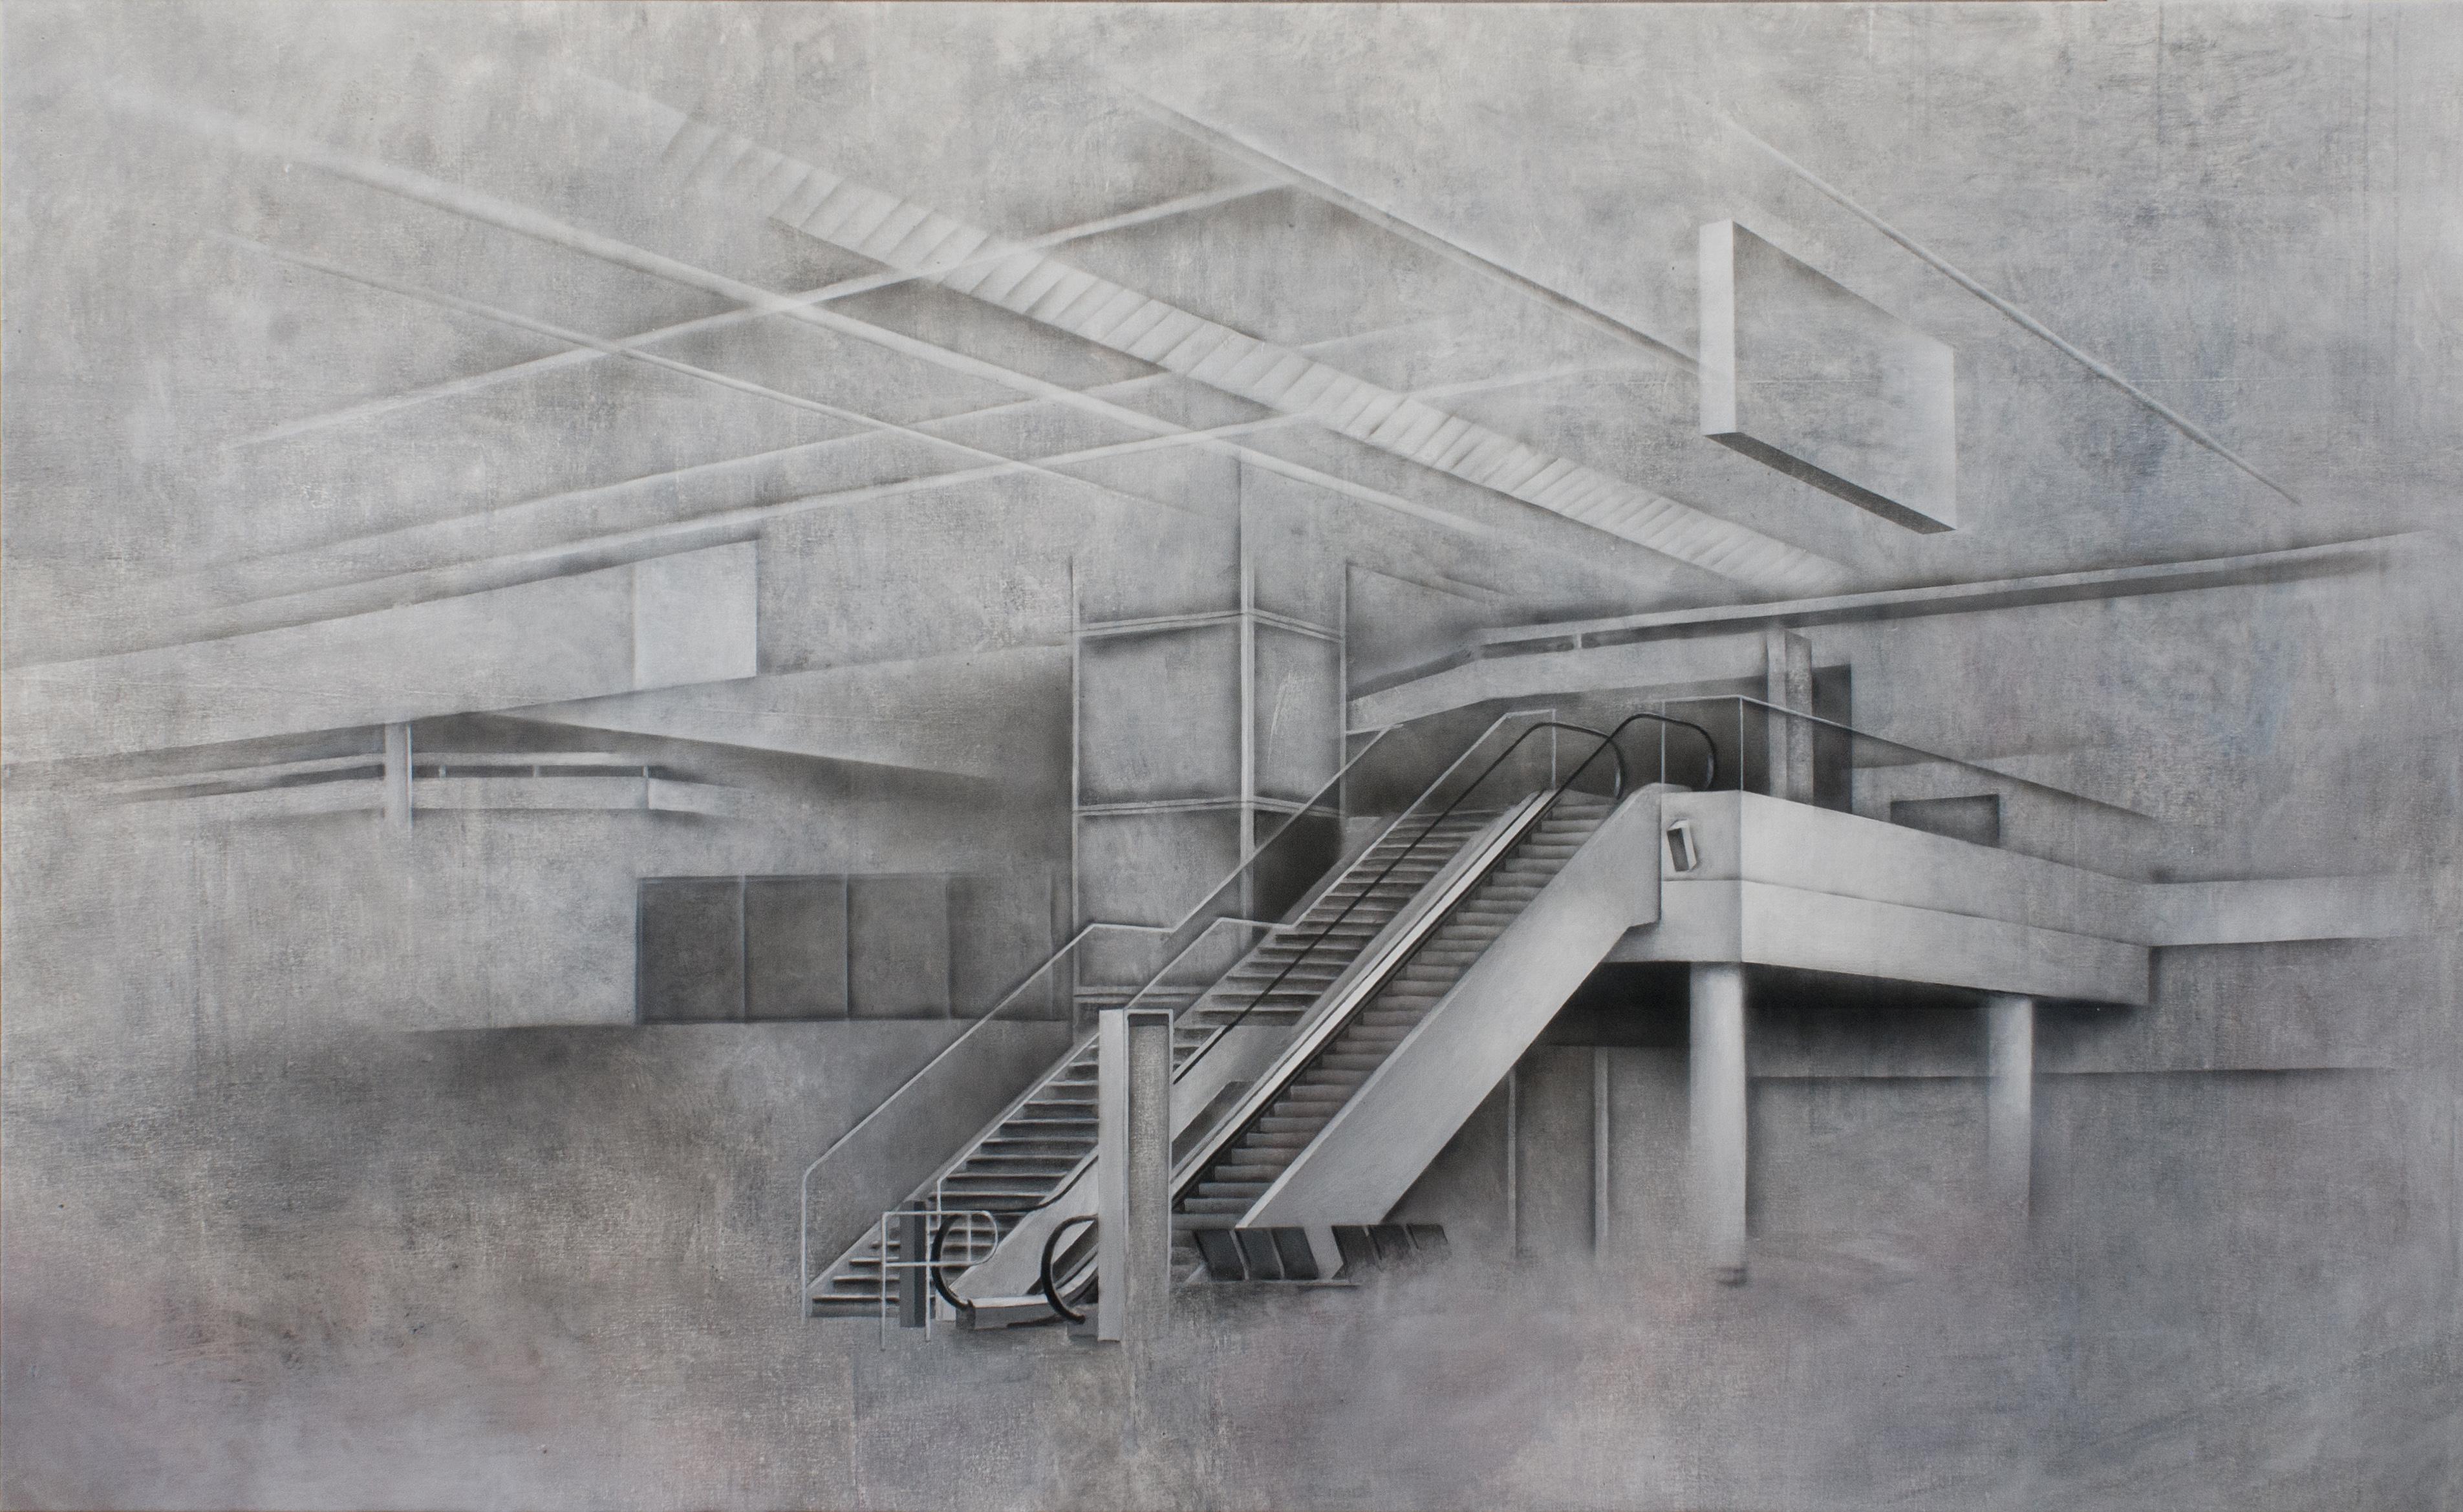 Štruktúra-schody, 120x195cm, akryl na plátne, 2015